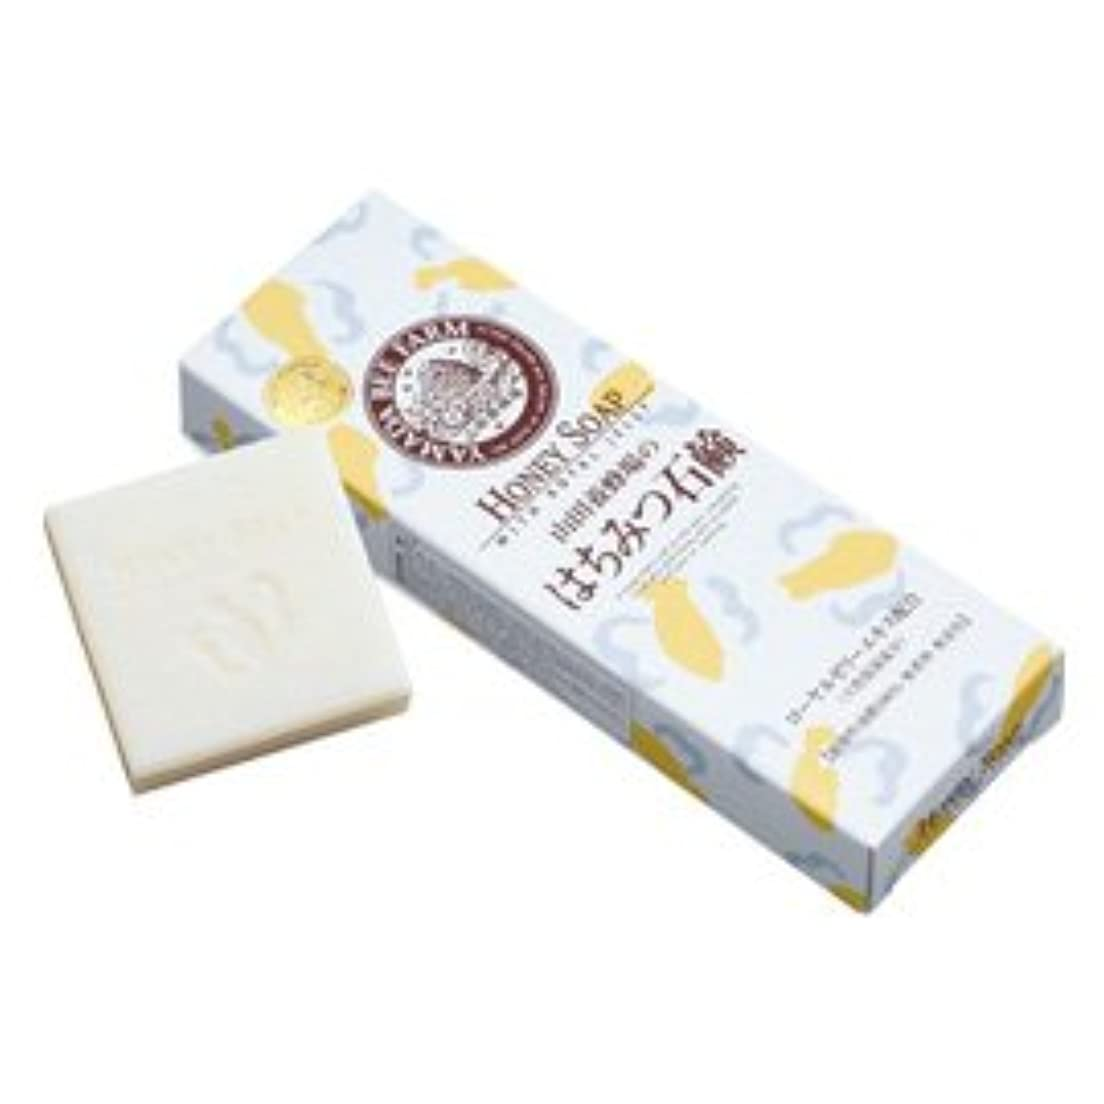 差し控える曲歩き回るはちみつ石鹸 60g×3個入/Honey Soap